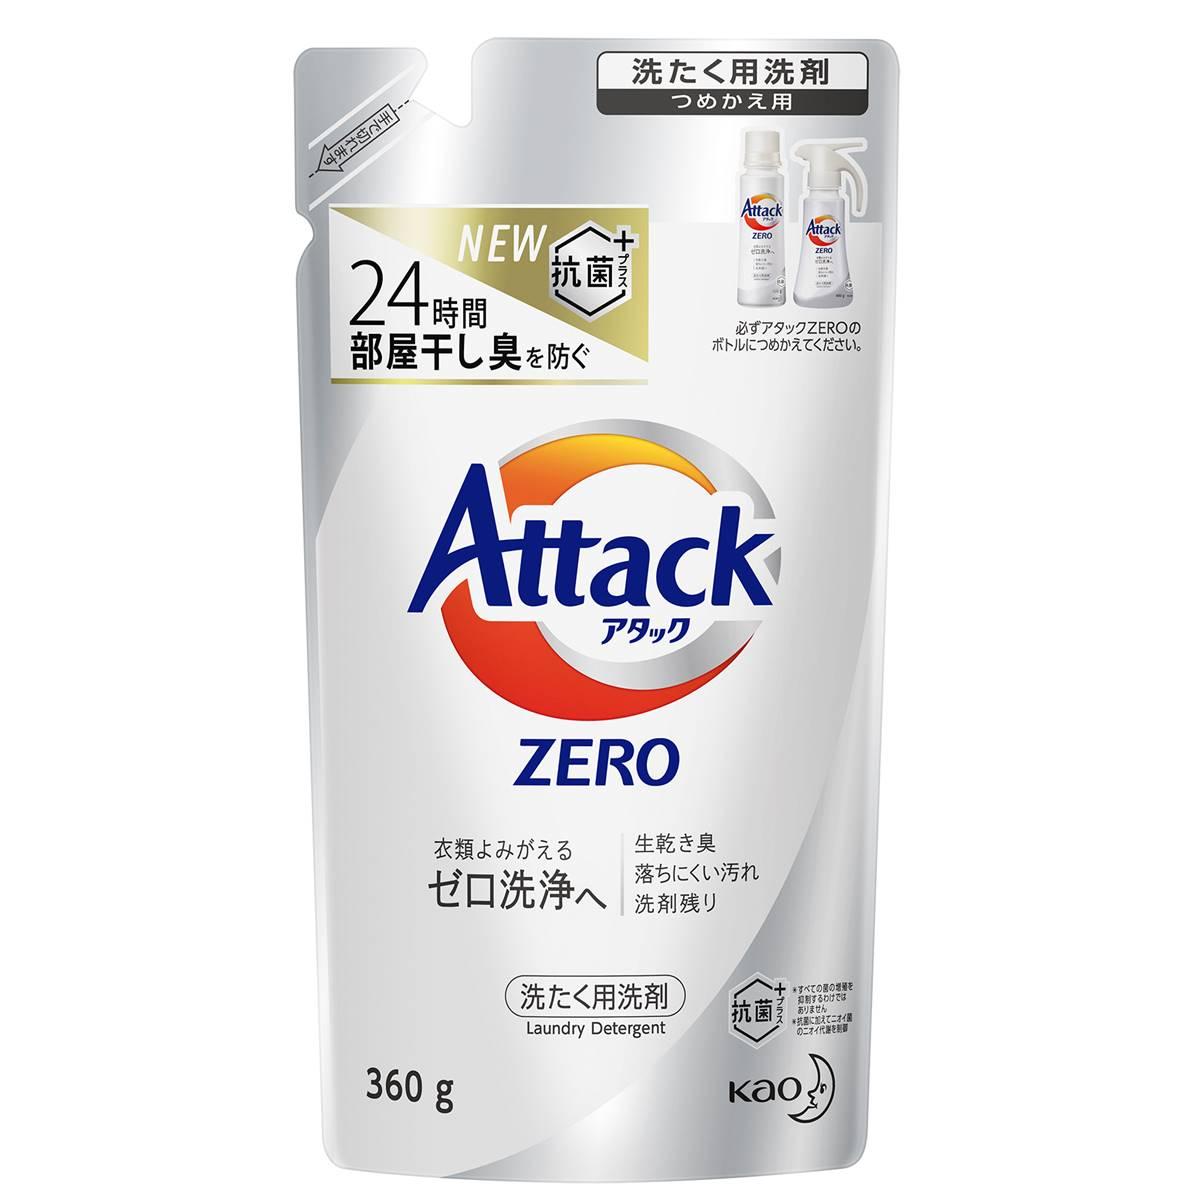 AttackZERO超濃縮洗衣凝露補充包360G